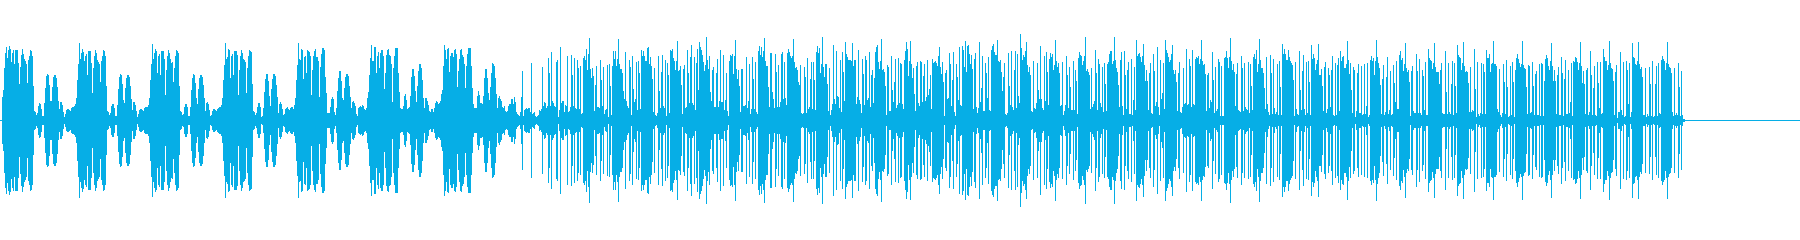 かみそり静的スワイプ1の再生済みの波形